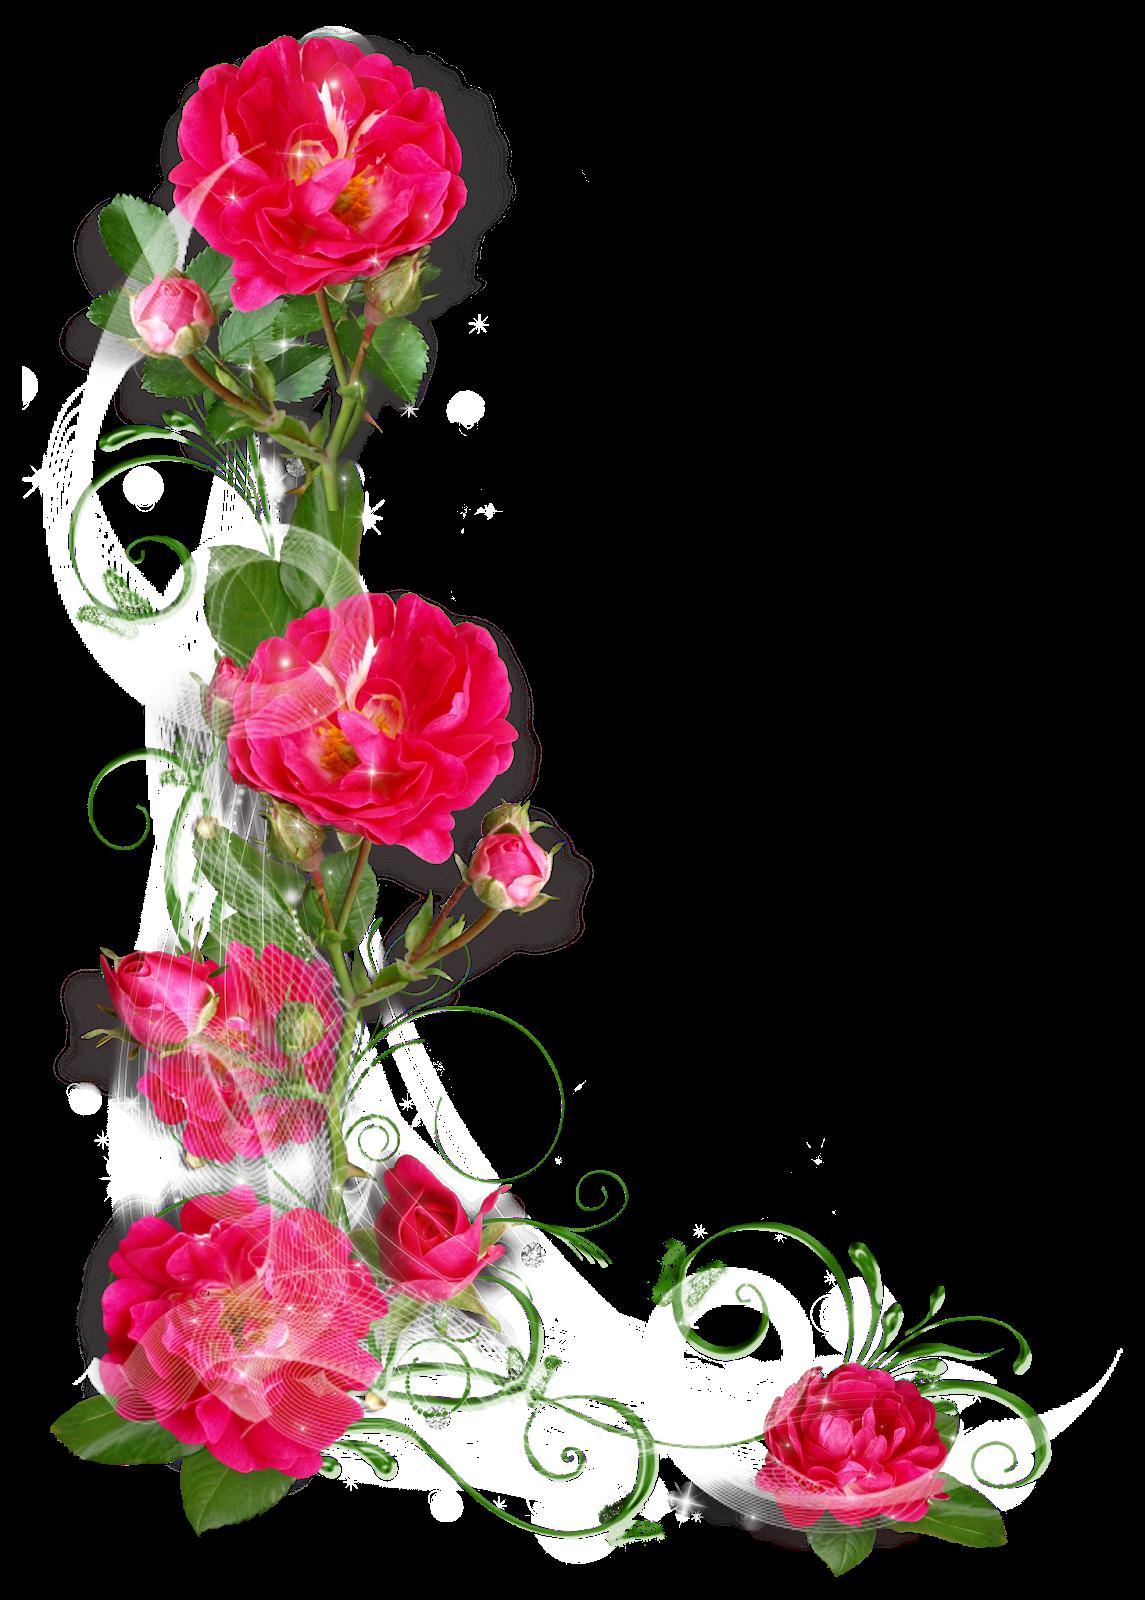 Decoflor: Floreria en Chihuahua, reparto de arreglos florales